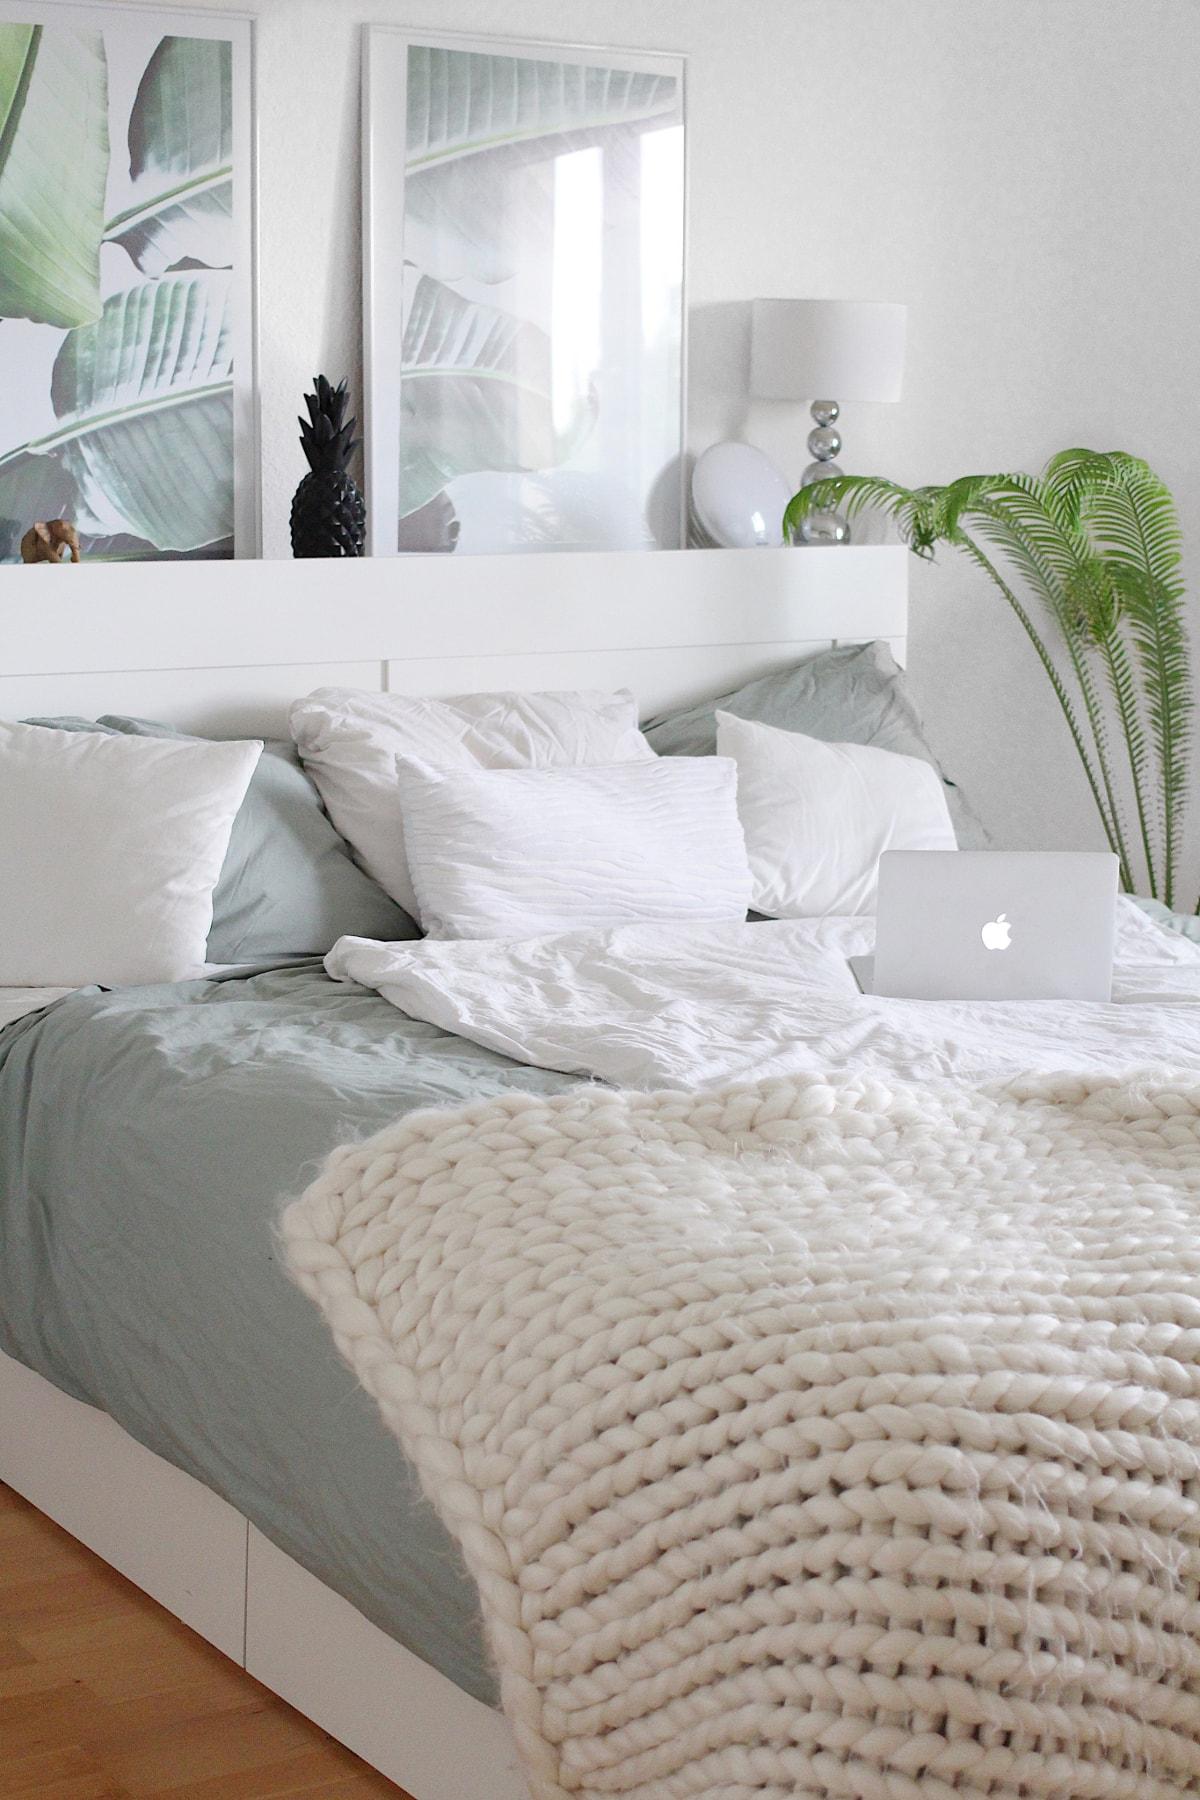 IKEA Hemnes Leaf Prints Palme Schlafzimmer Einrichtung Min